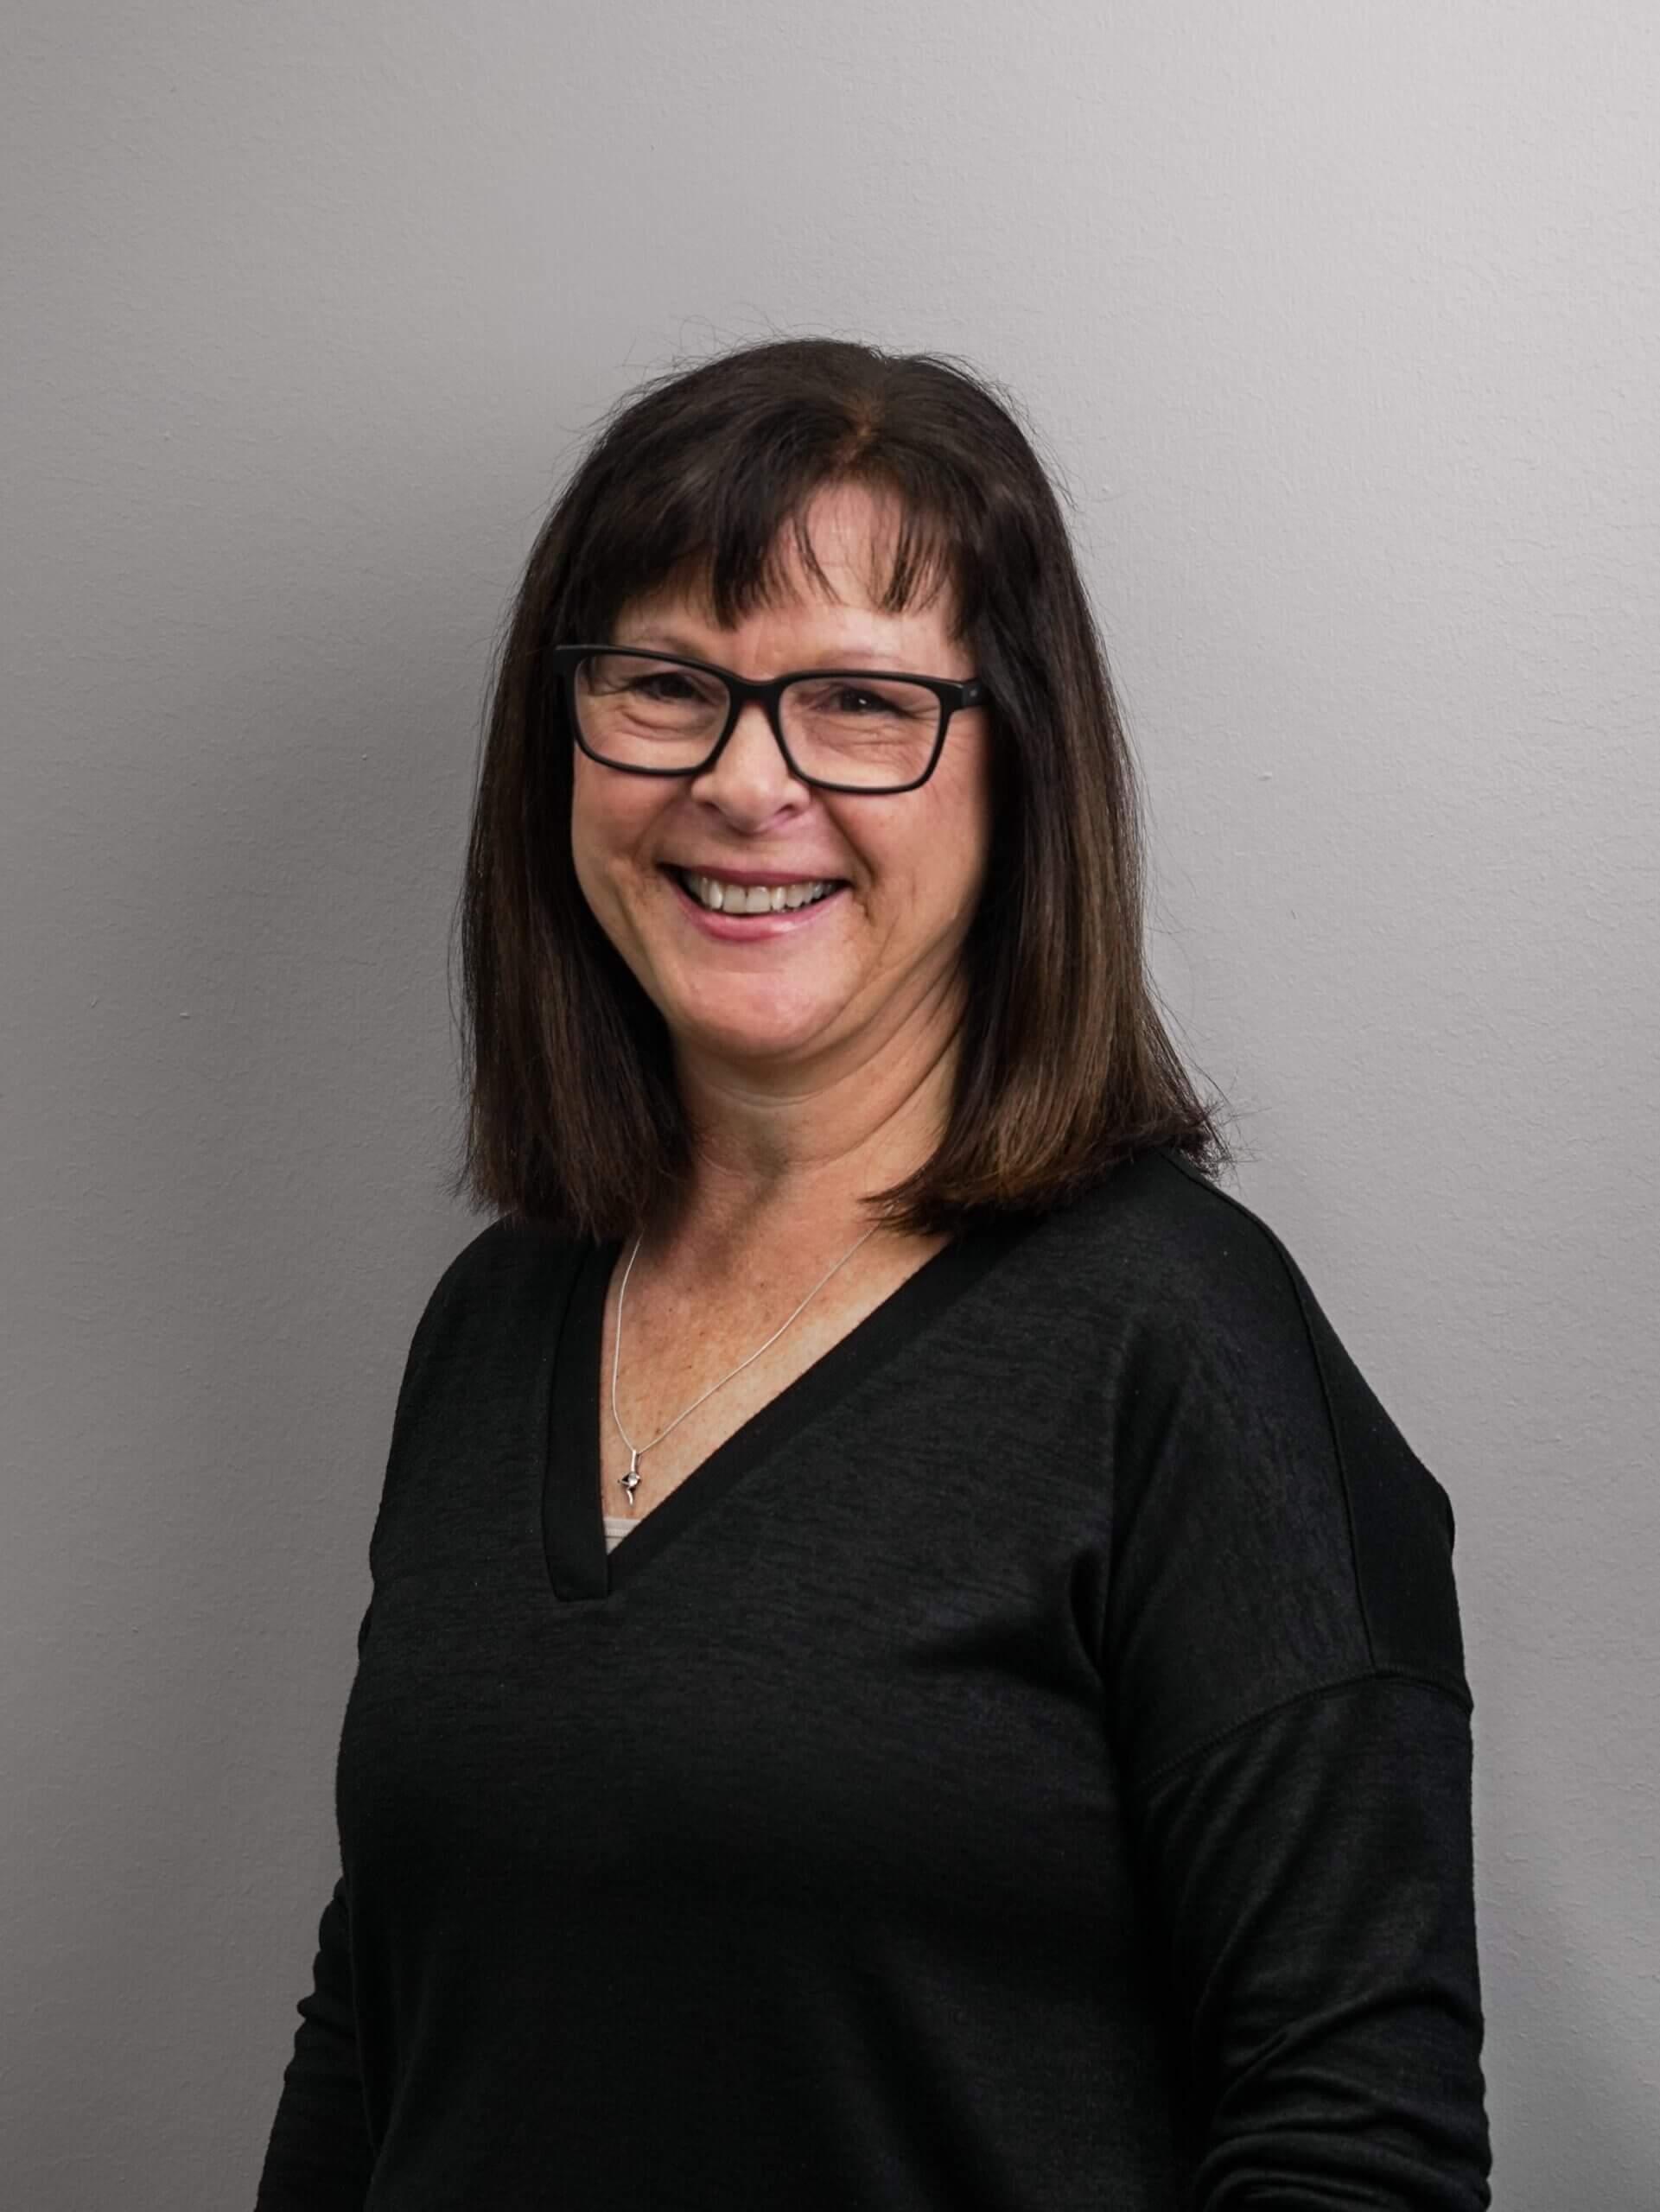 Sybille Bergin